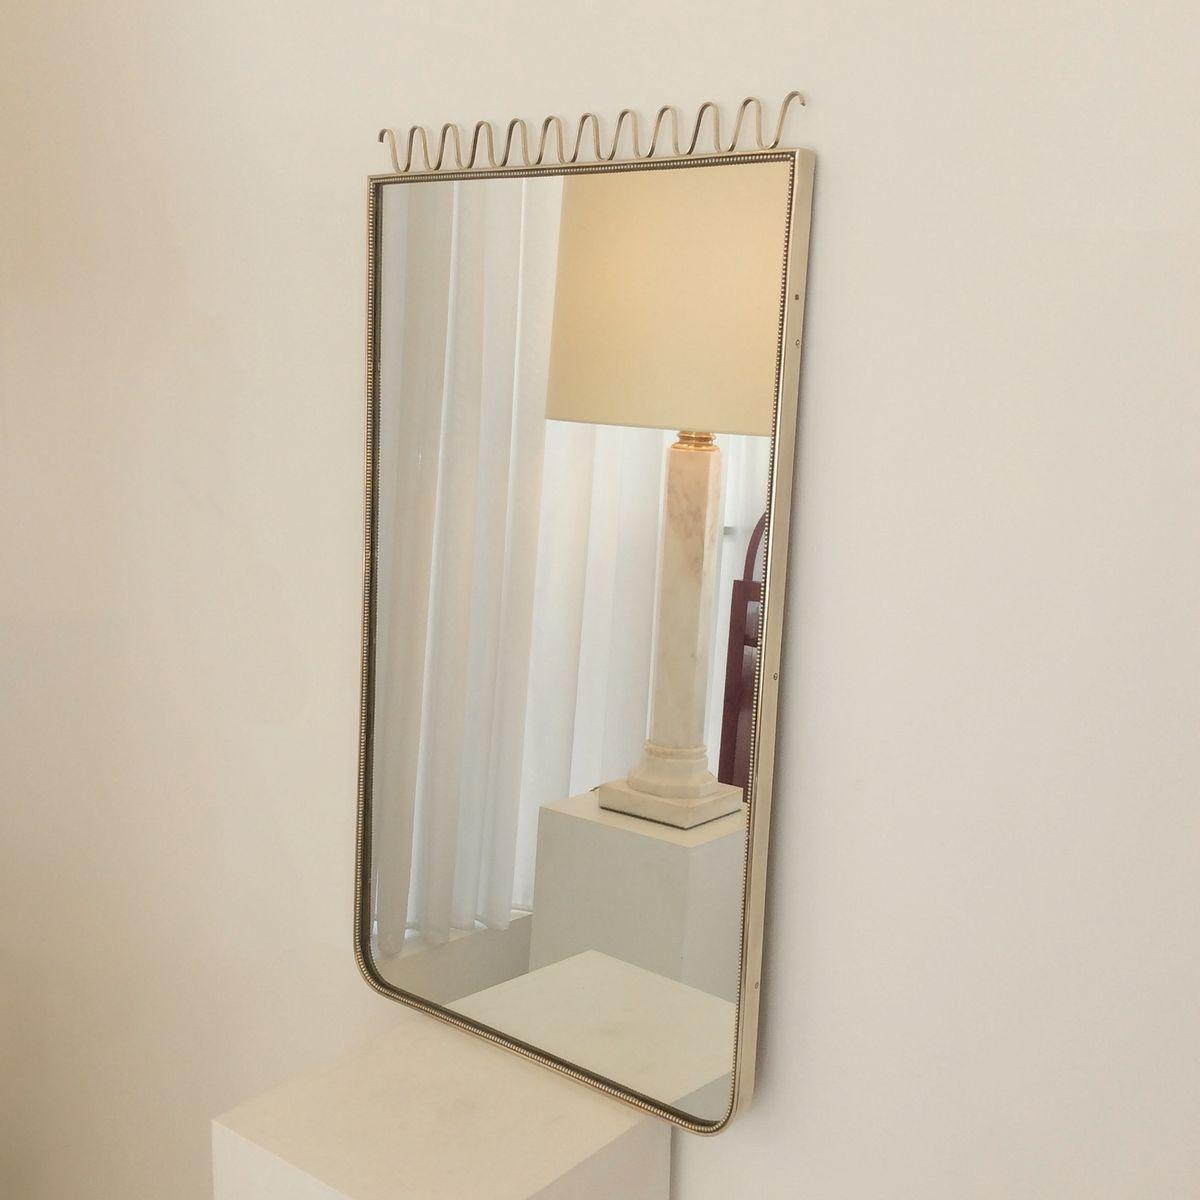 Miroir encadr en laiton italie 1950s en vente sur pamono for Miroir encadre